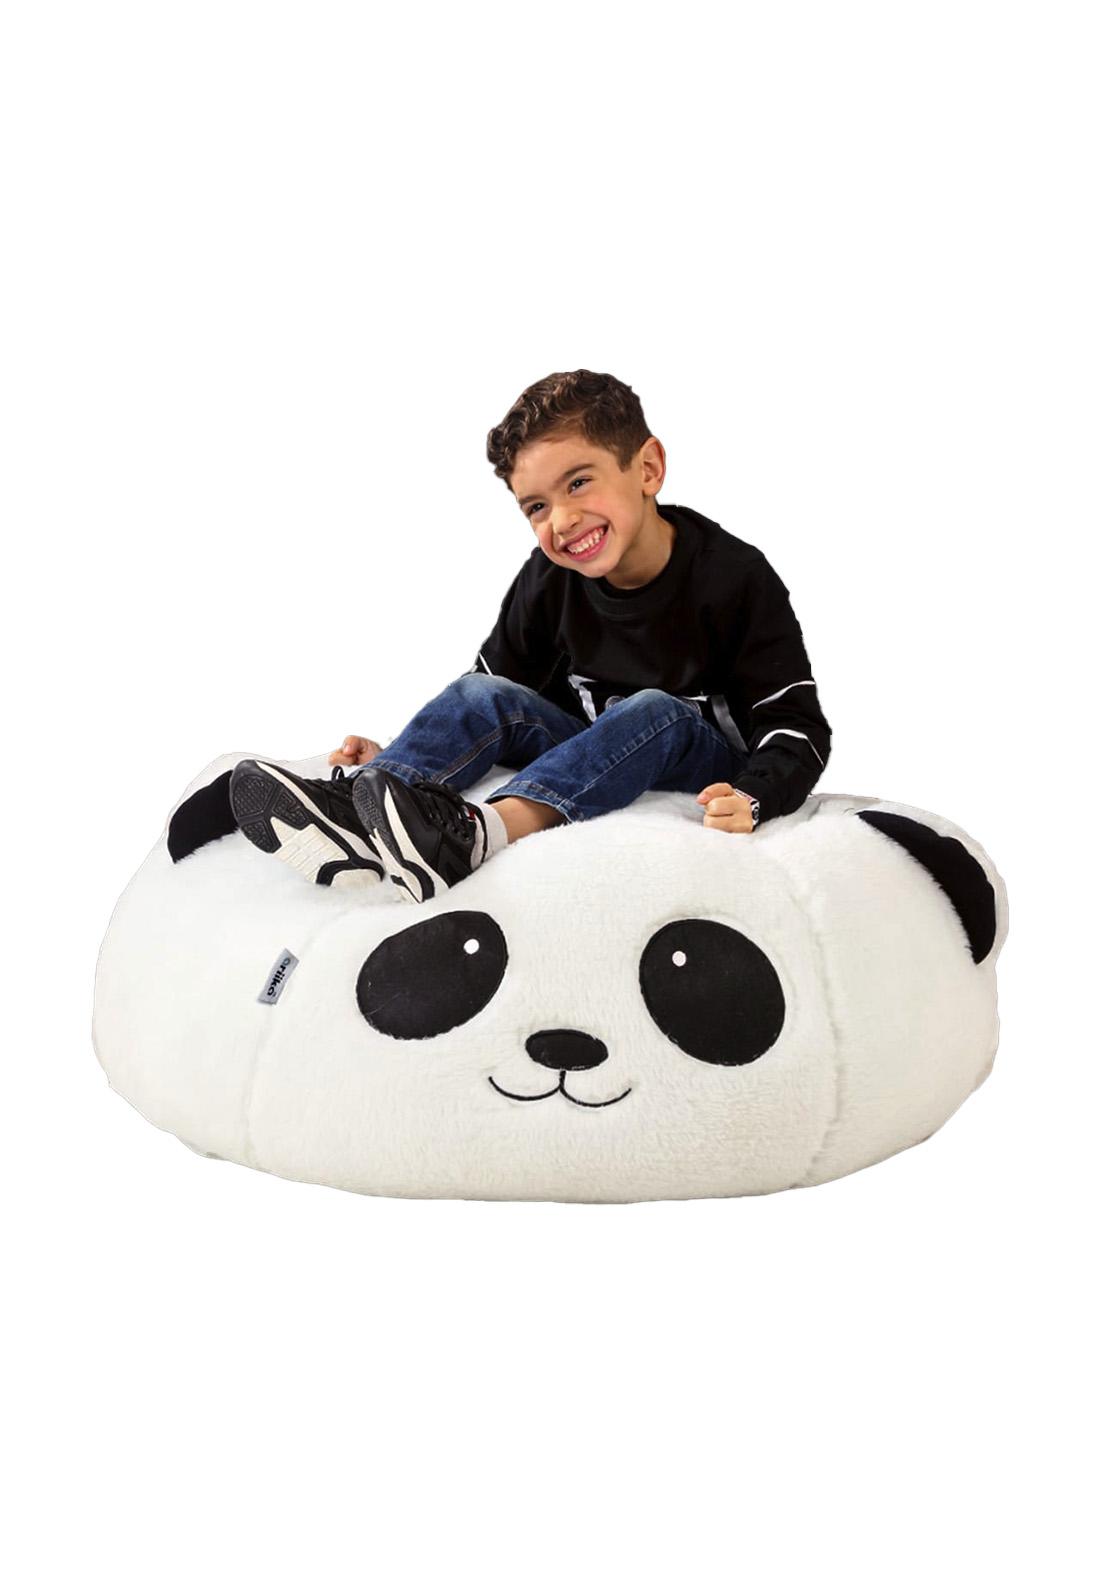 اريكة للاطفال بالفرو بشكل باندا من ماركة اريكة